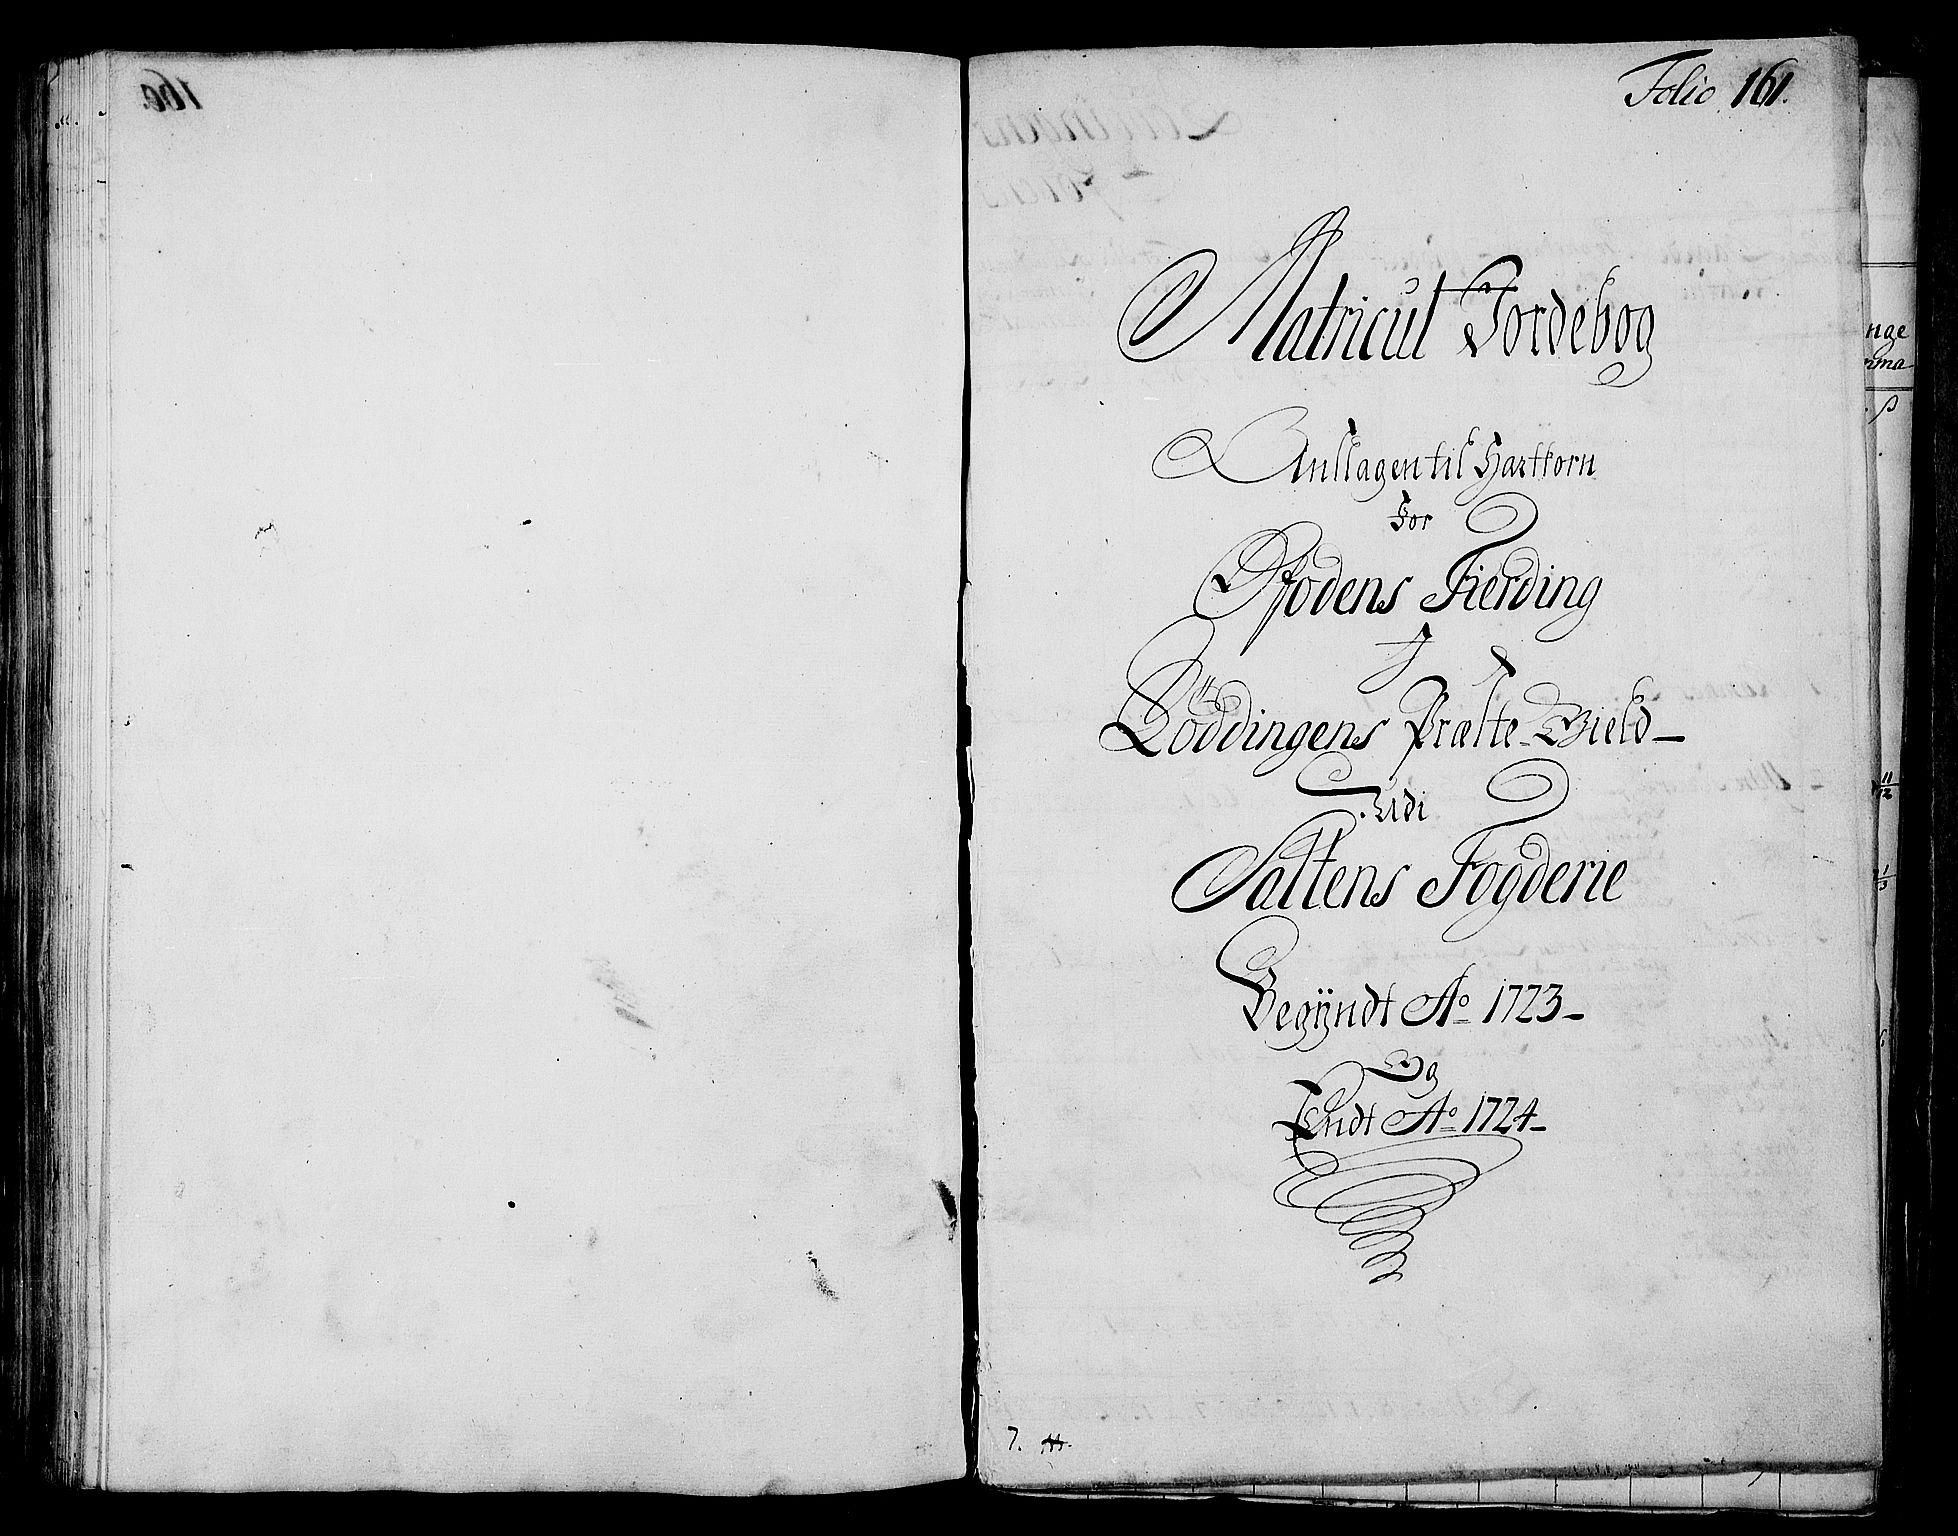 RA, Rentekammeret inntil 1814, Realistisk ordnet avdeling, N/Nb/Nbf/L0173: Salten matrikkelprotokoll, 1723, s. 160b-161a